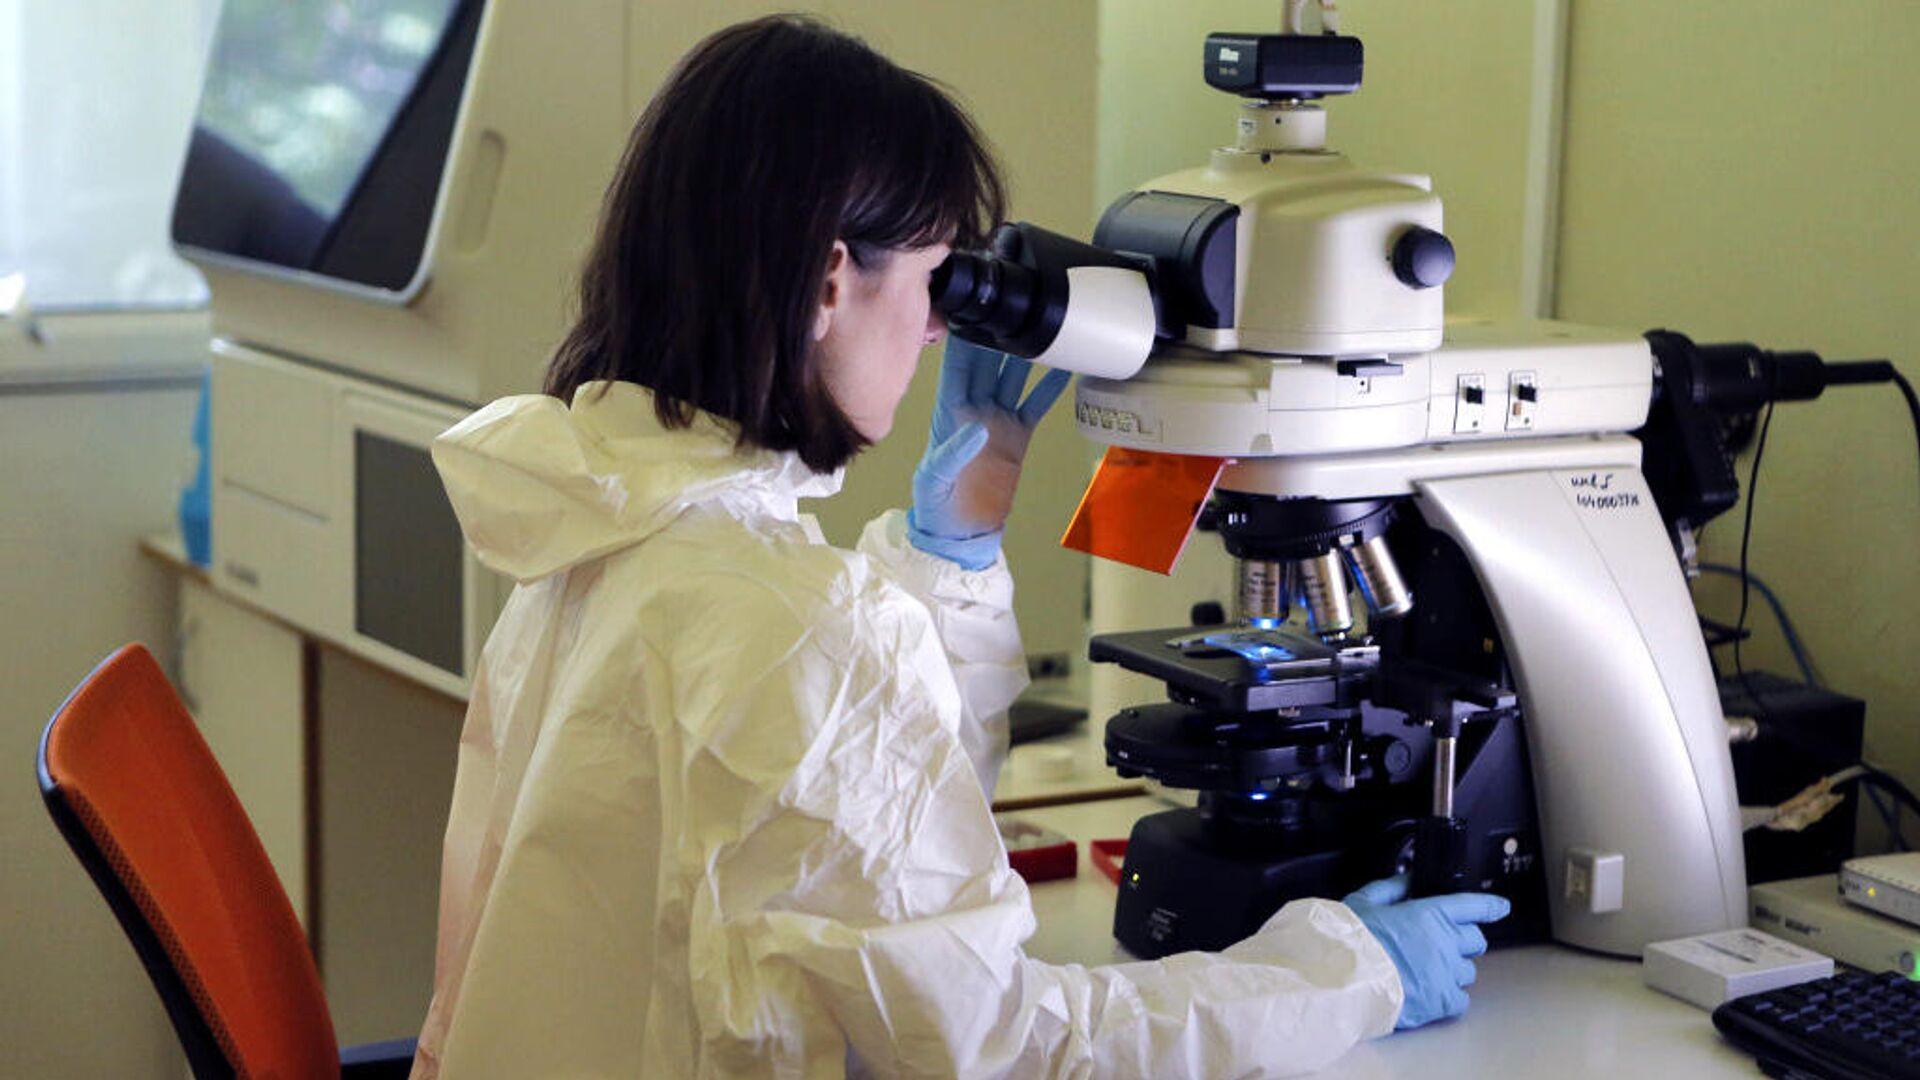 Сотрудник Национального исследовательского центра им. Гамалеи в лаборатории - РИА Новости, 1920, 21.11.2020